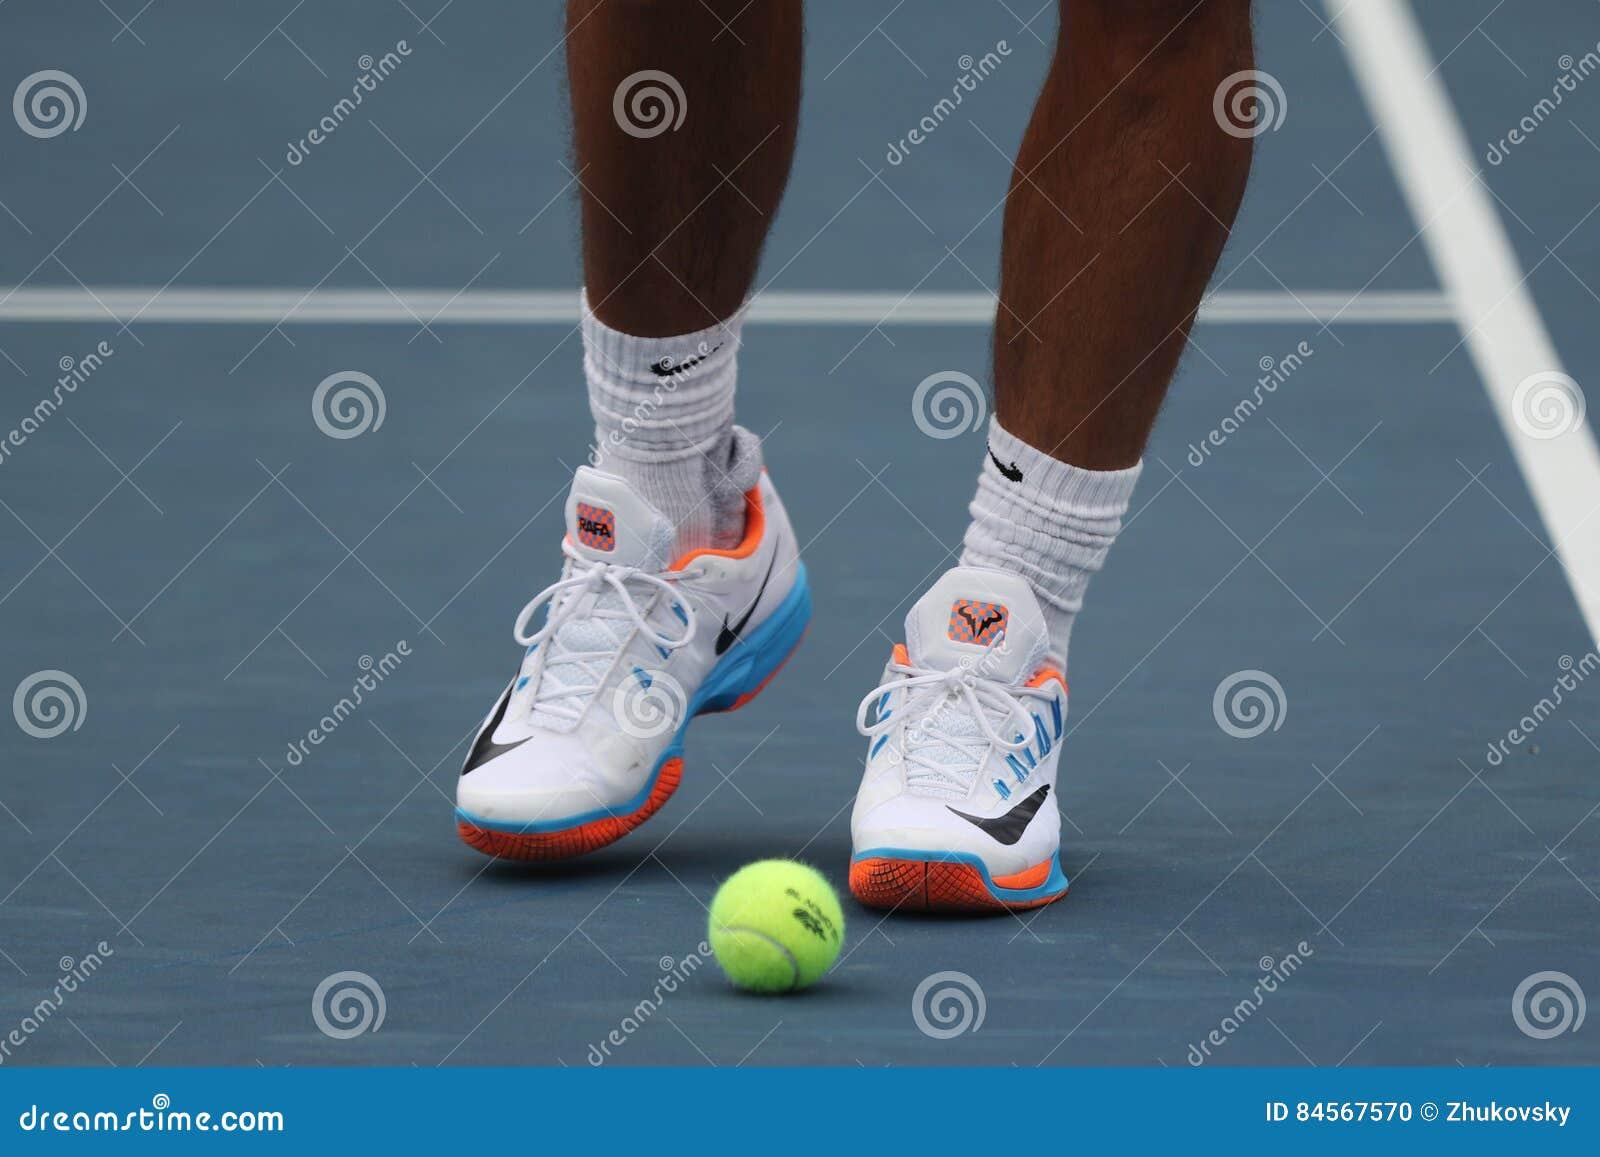 NUEVA YORK 29 de agosto, 2016: campeón de Grand Slam, Rafael Nadal de España lleva personalizados zapatillas de tenis Nike durante el Abierto de